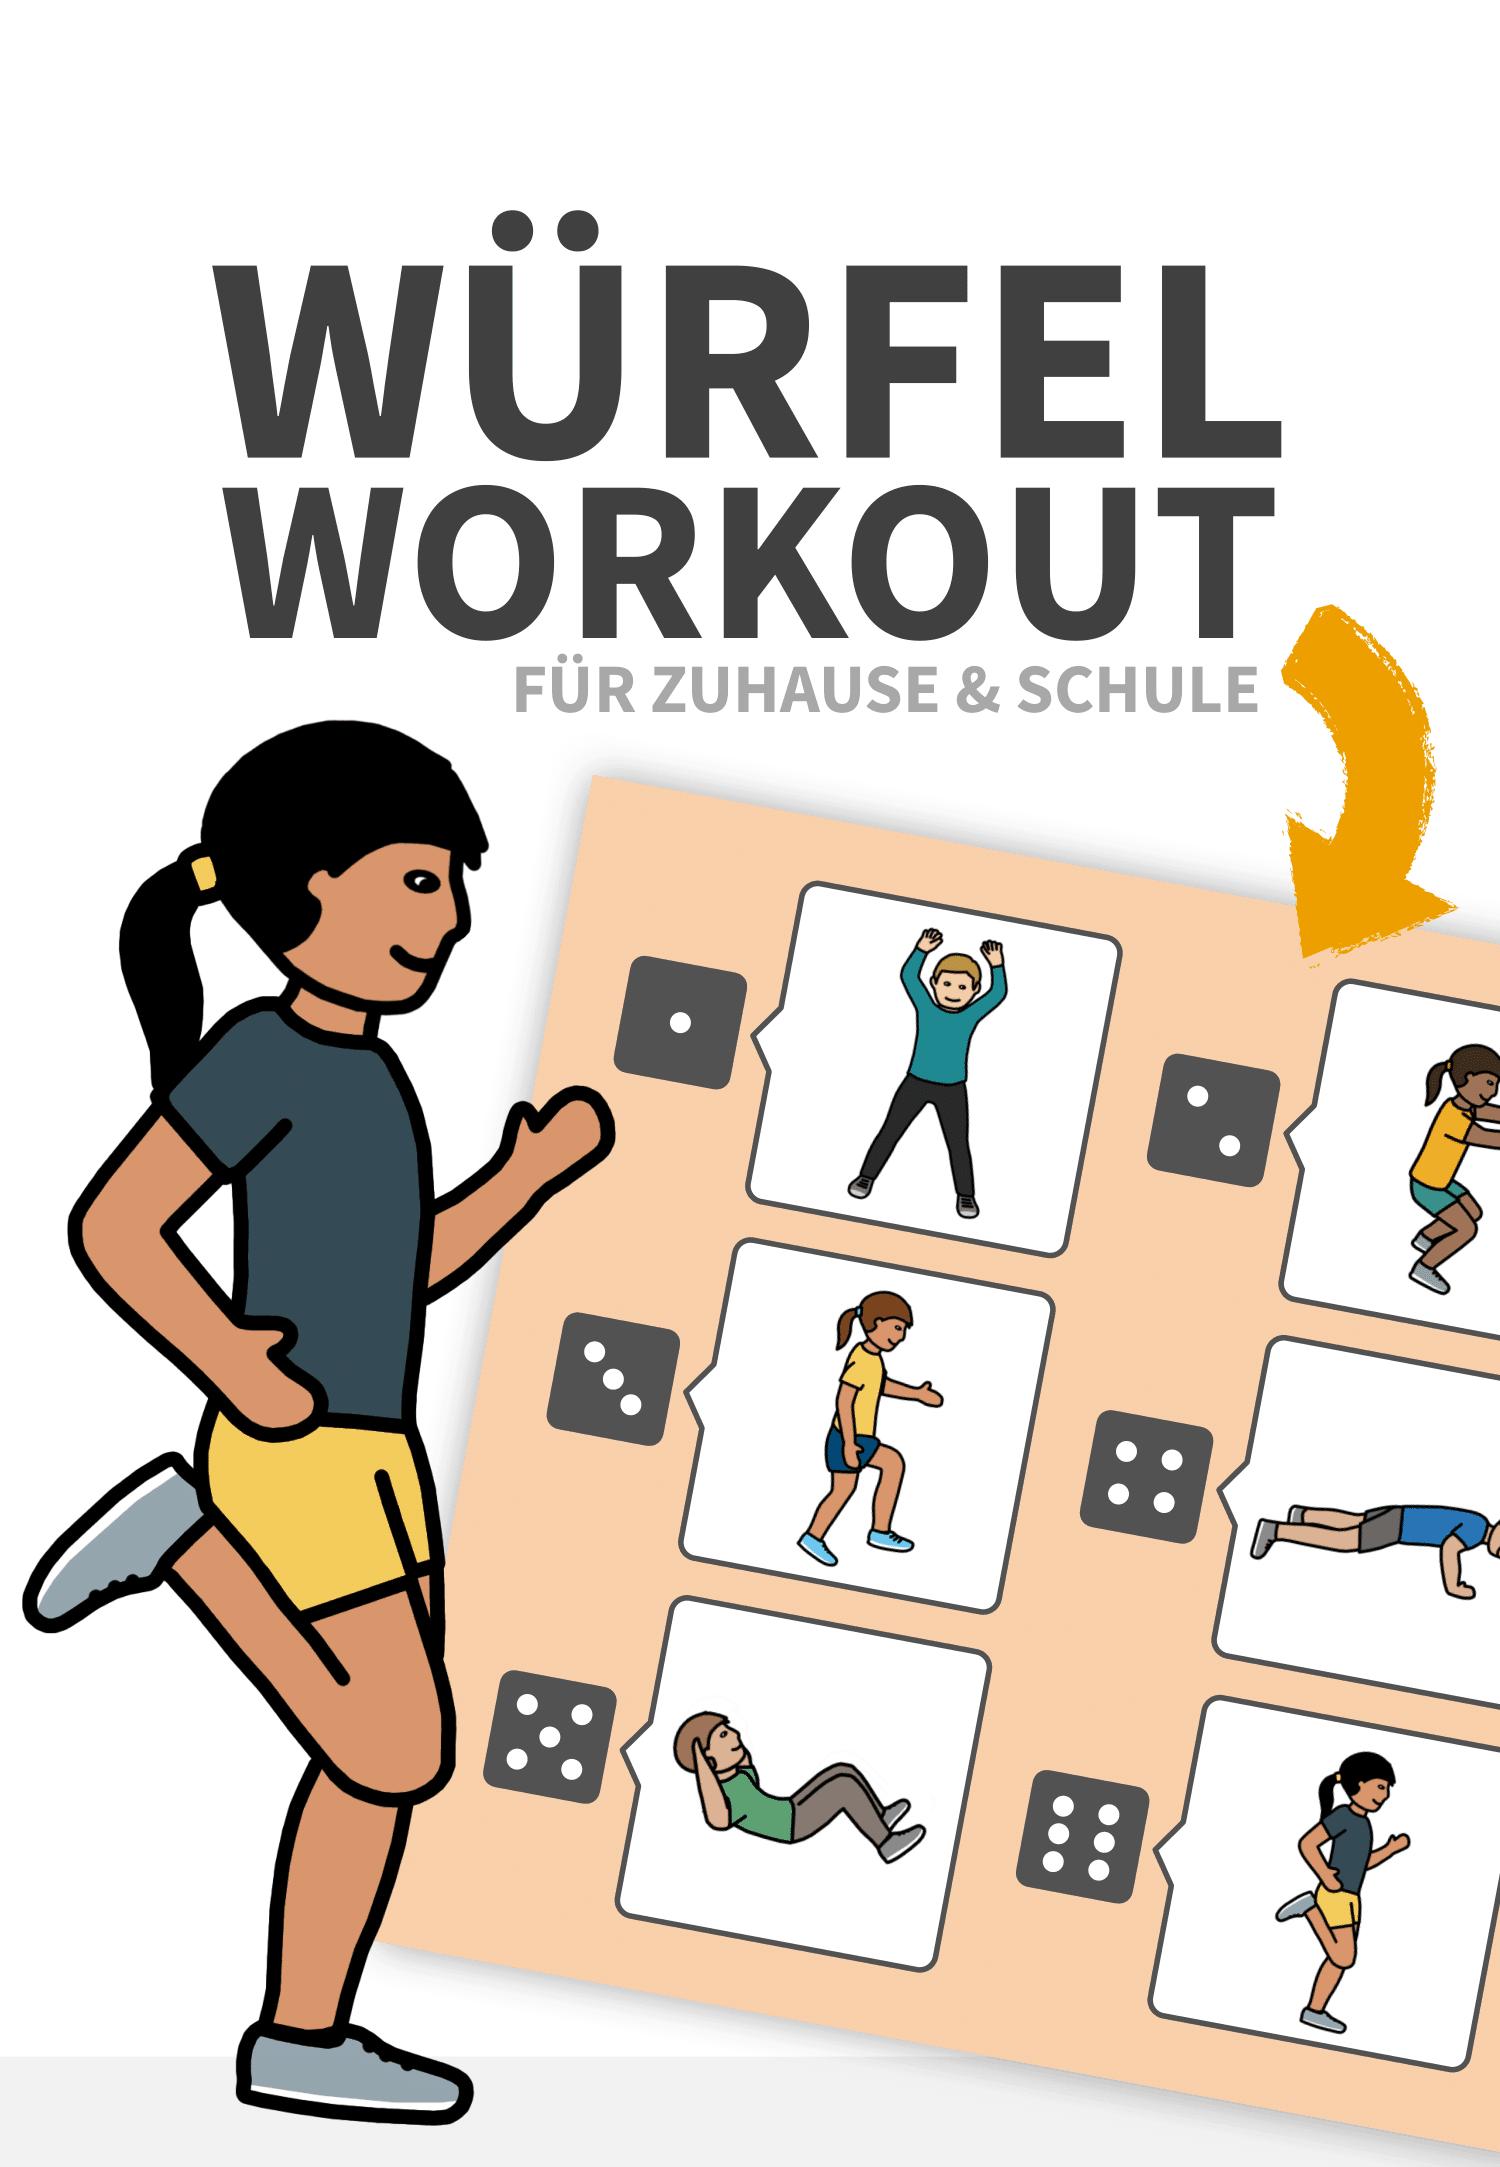 Würfel-Workout-für-Zuhause-oder-den-Unterricht-vlamingo